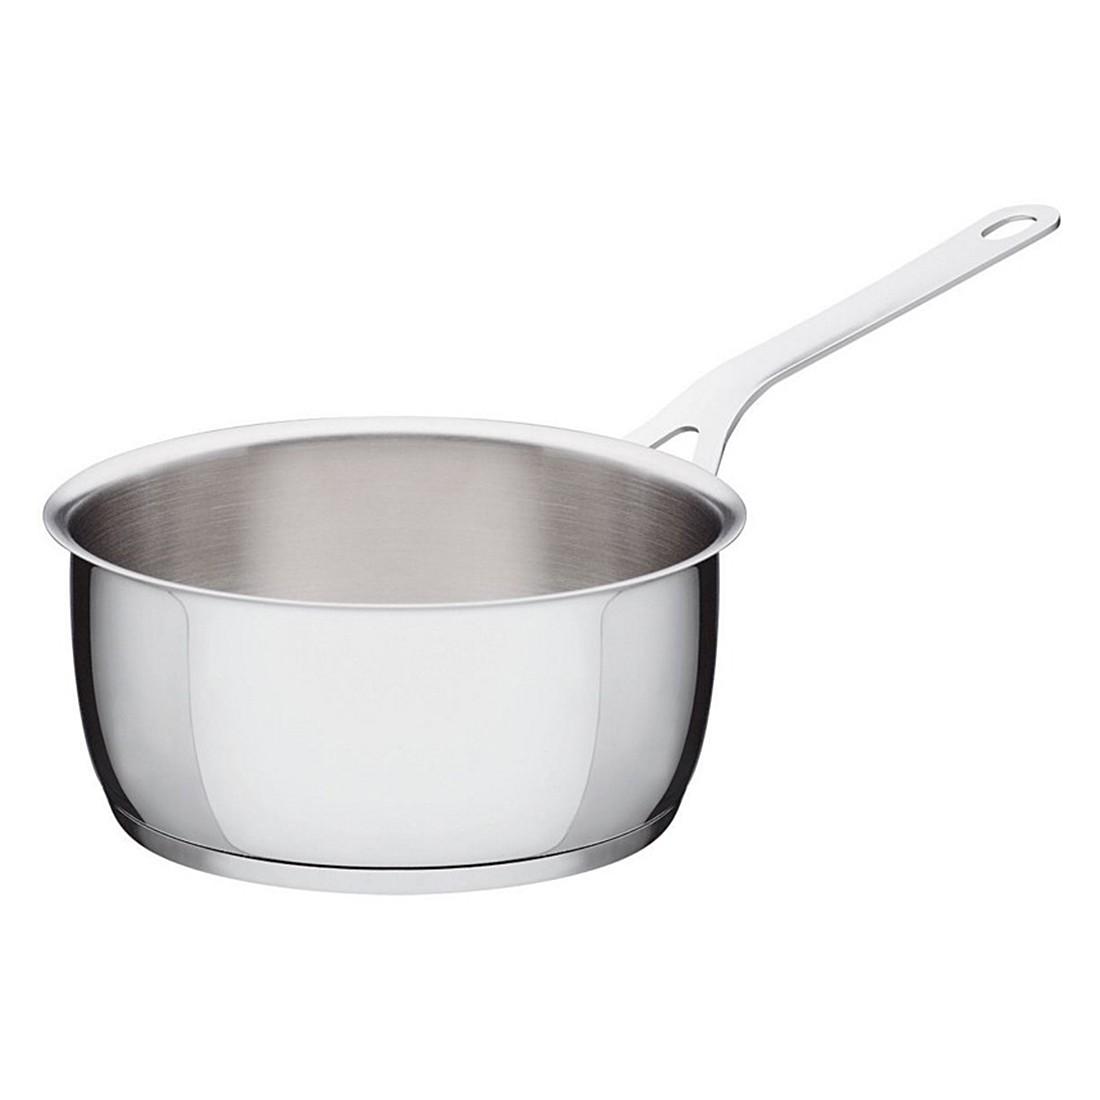 Stielkasserolle Pots & Pans- Ø 20cm, Alessi bestellen